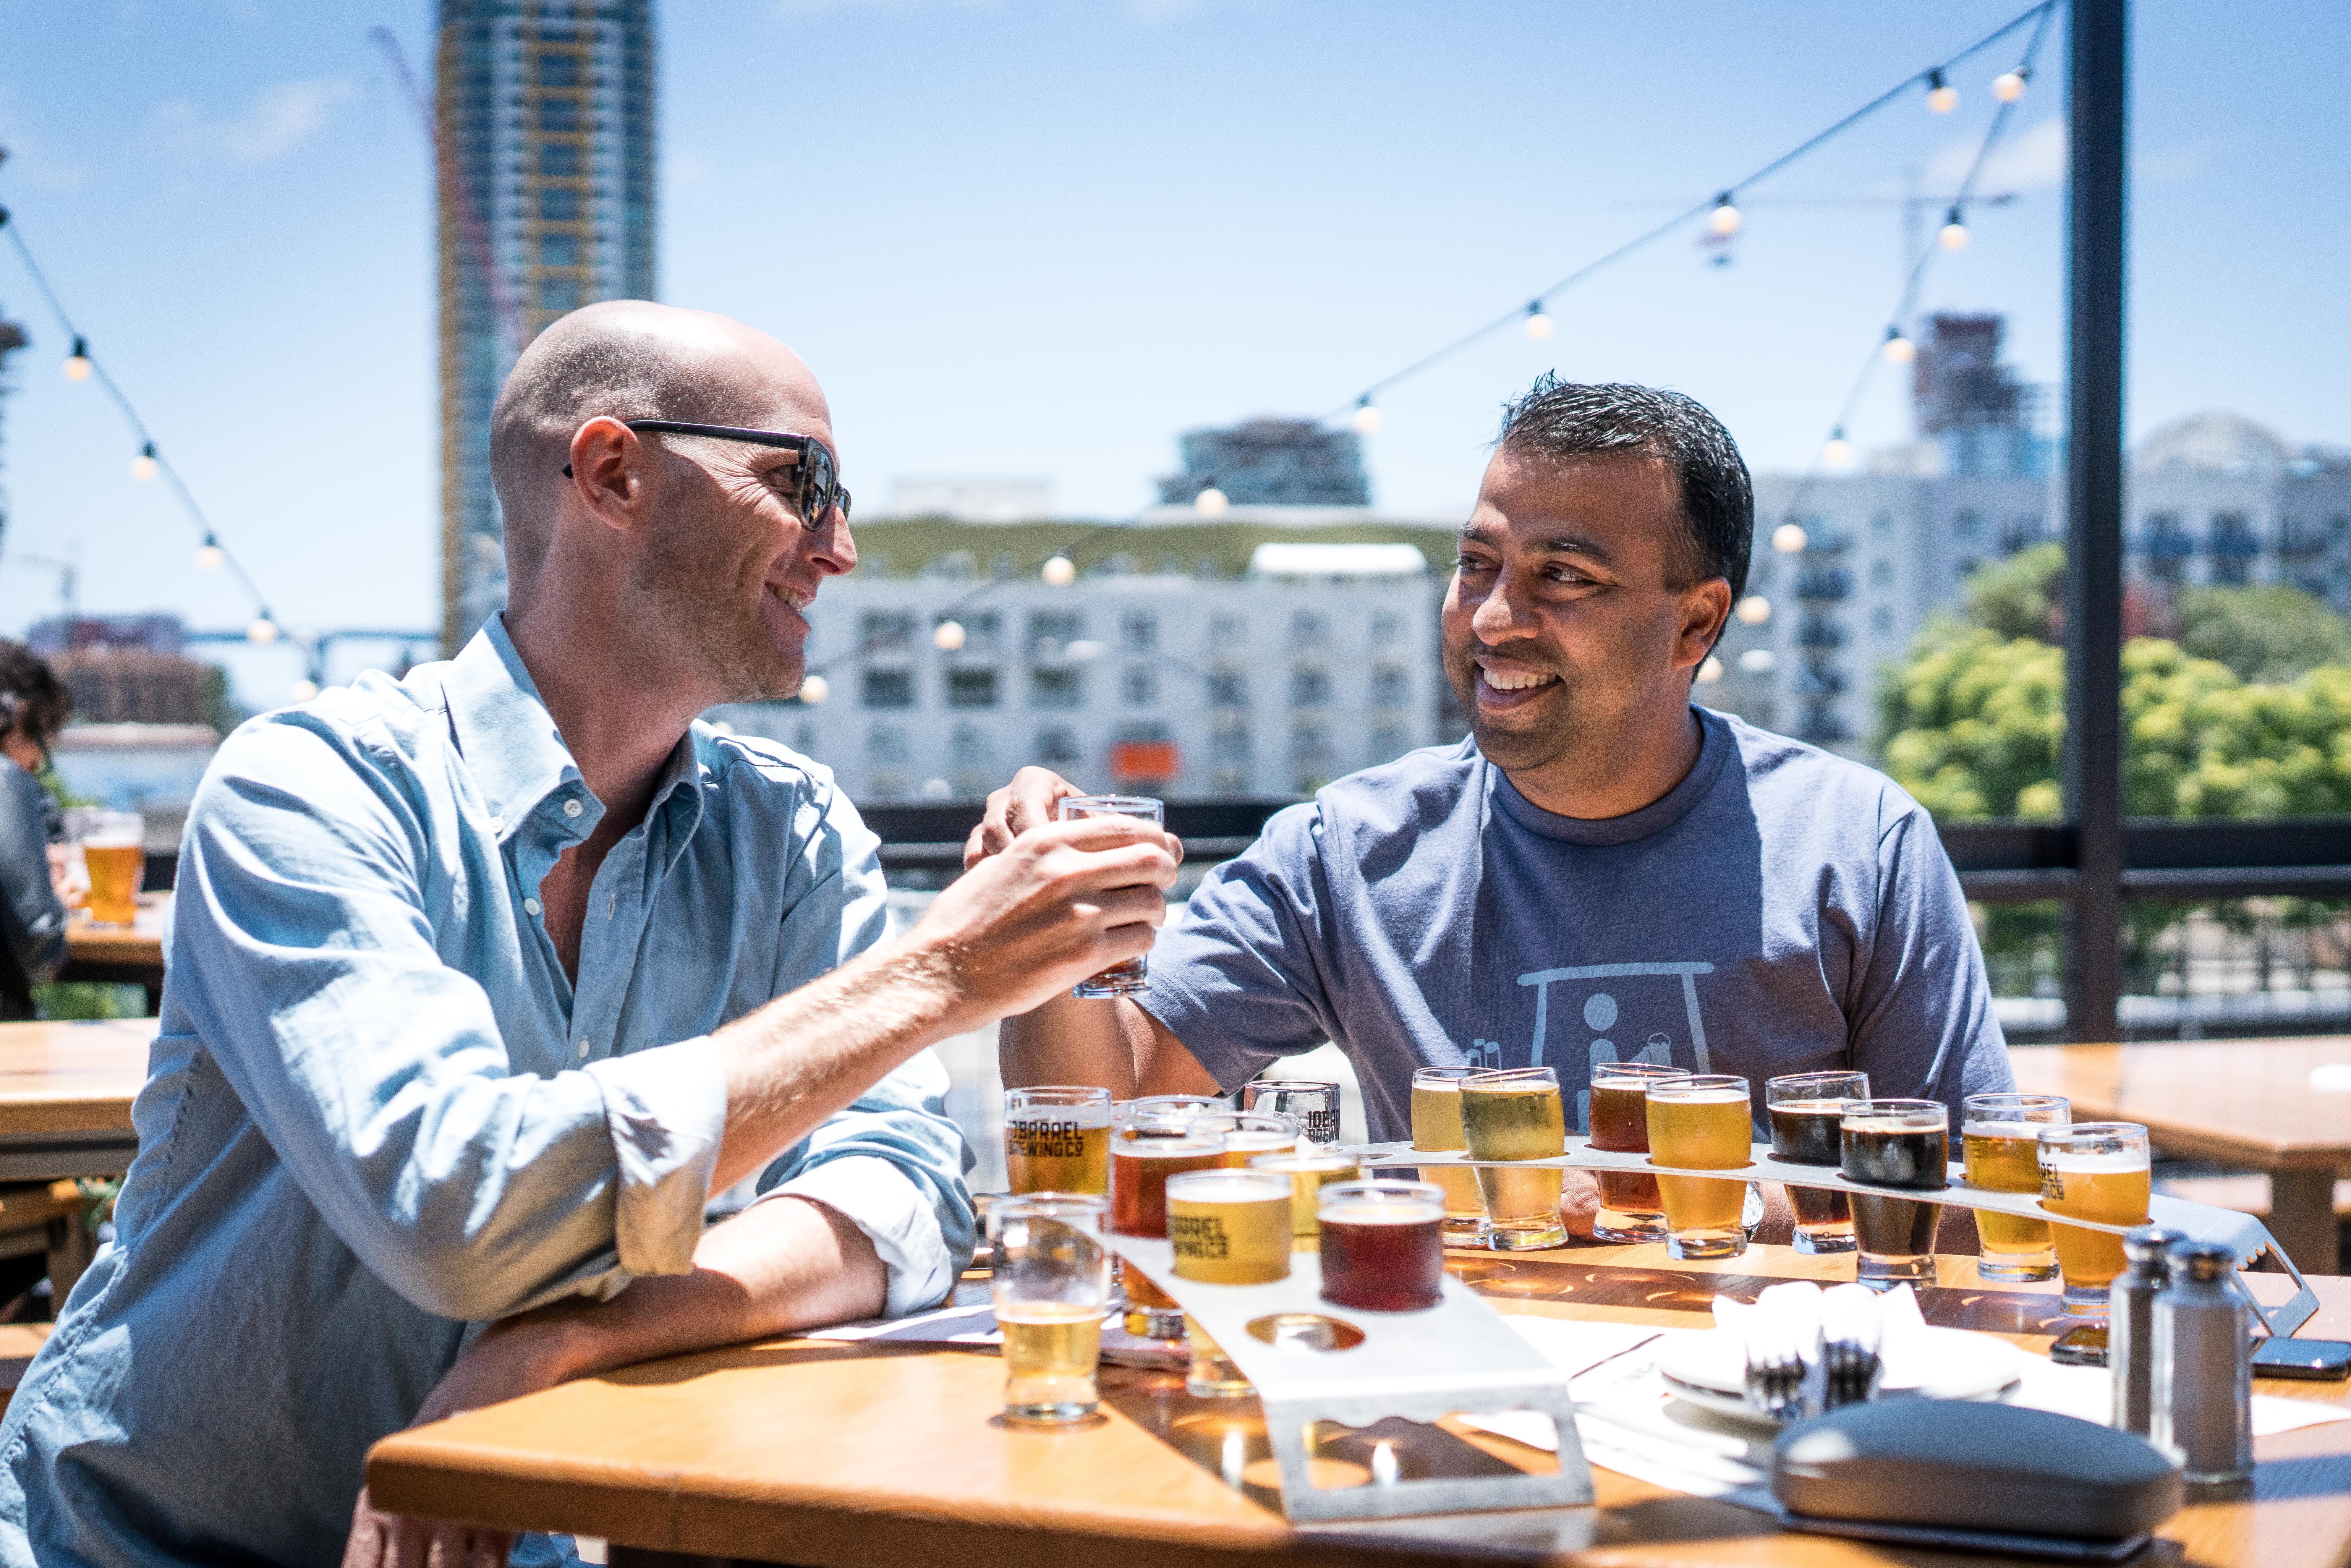 Two Men Drinking Outside Restaurant